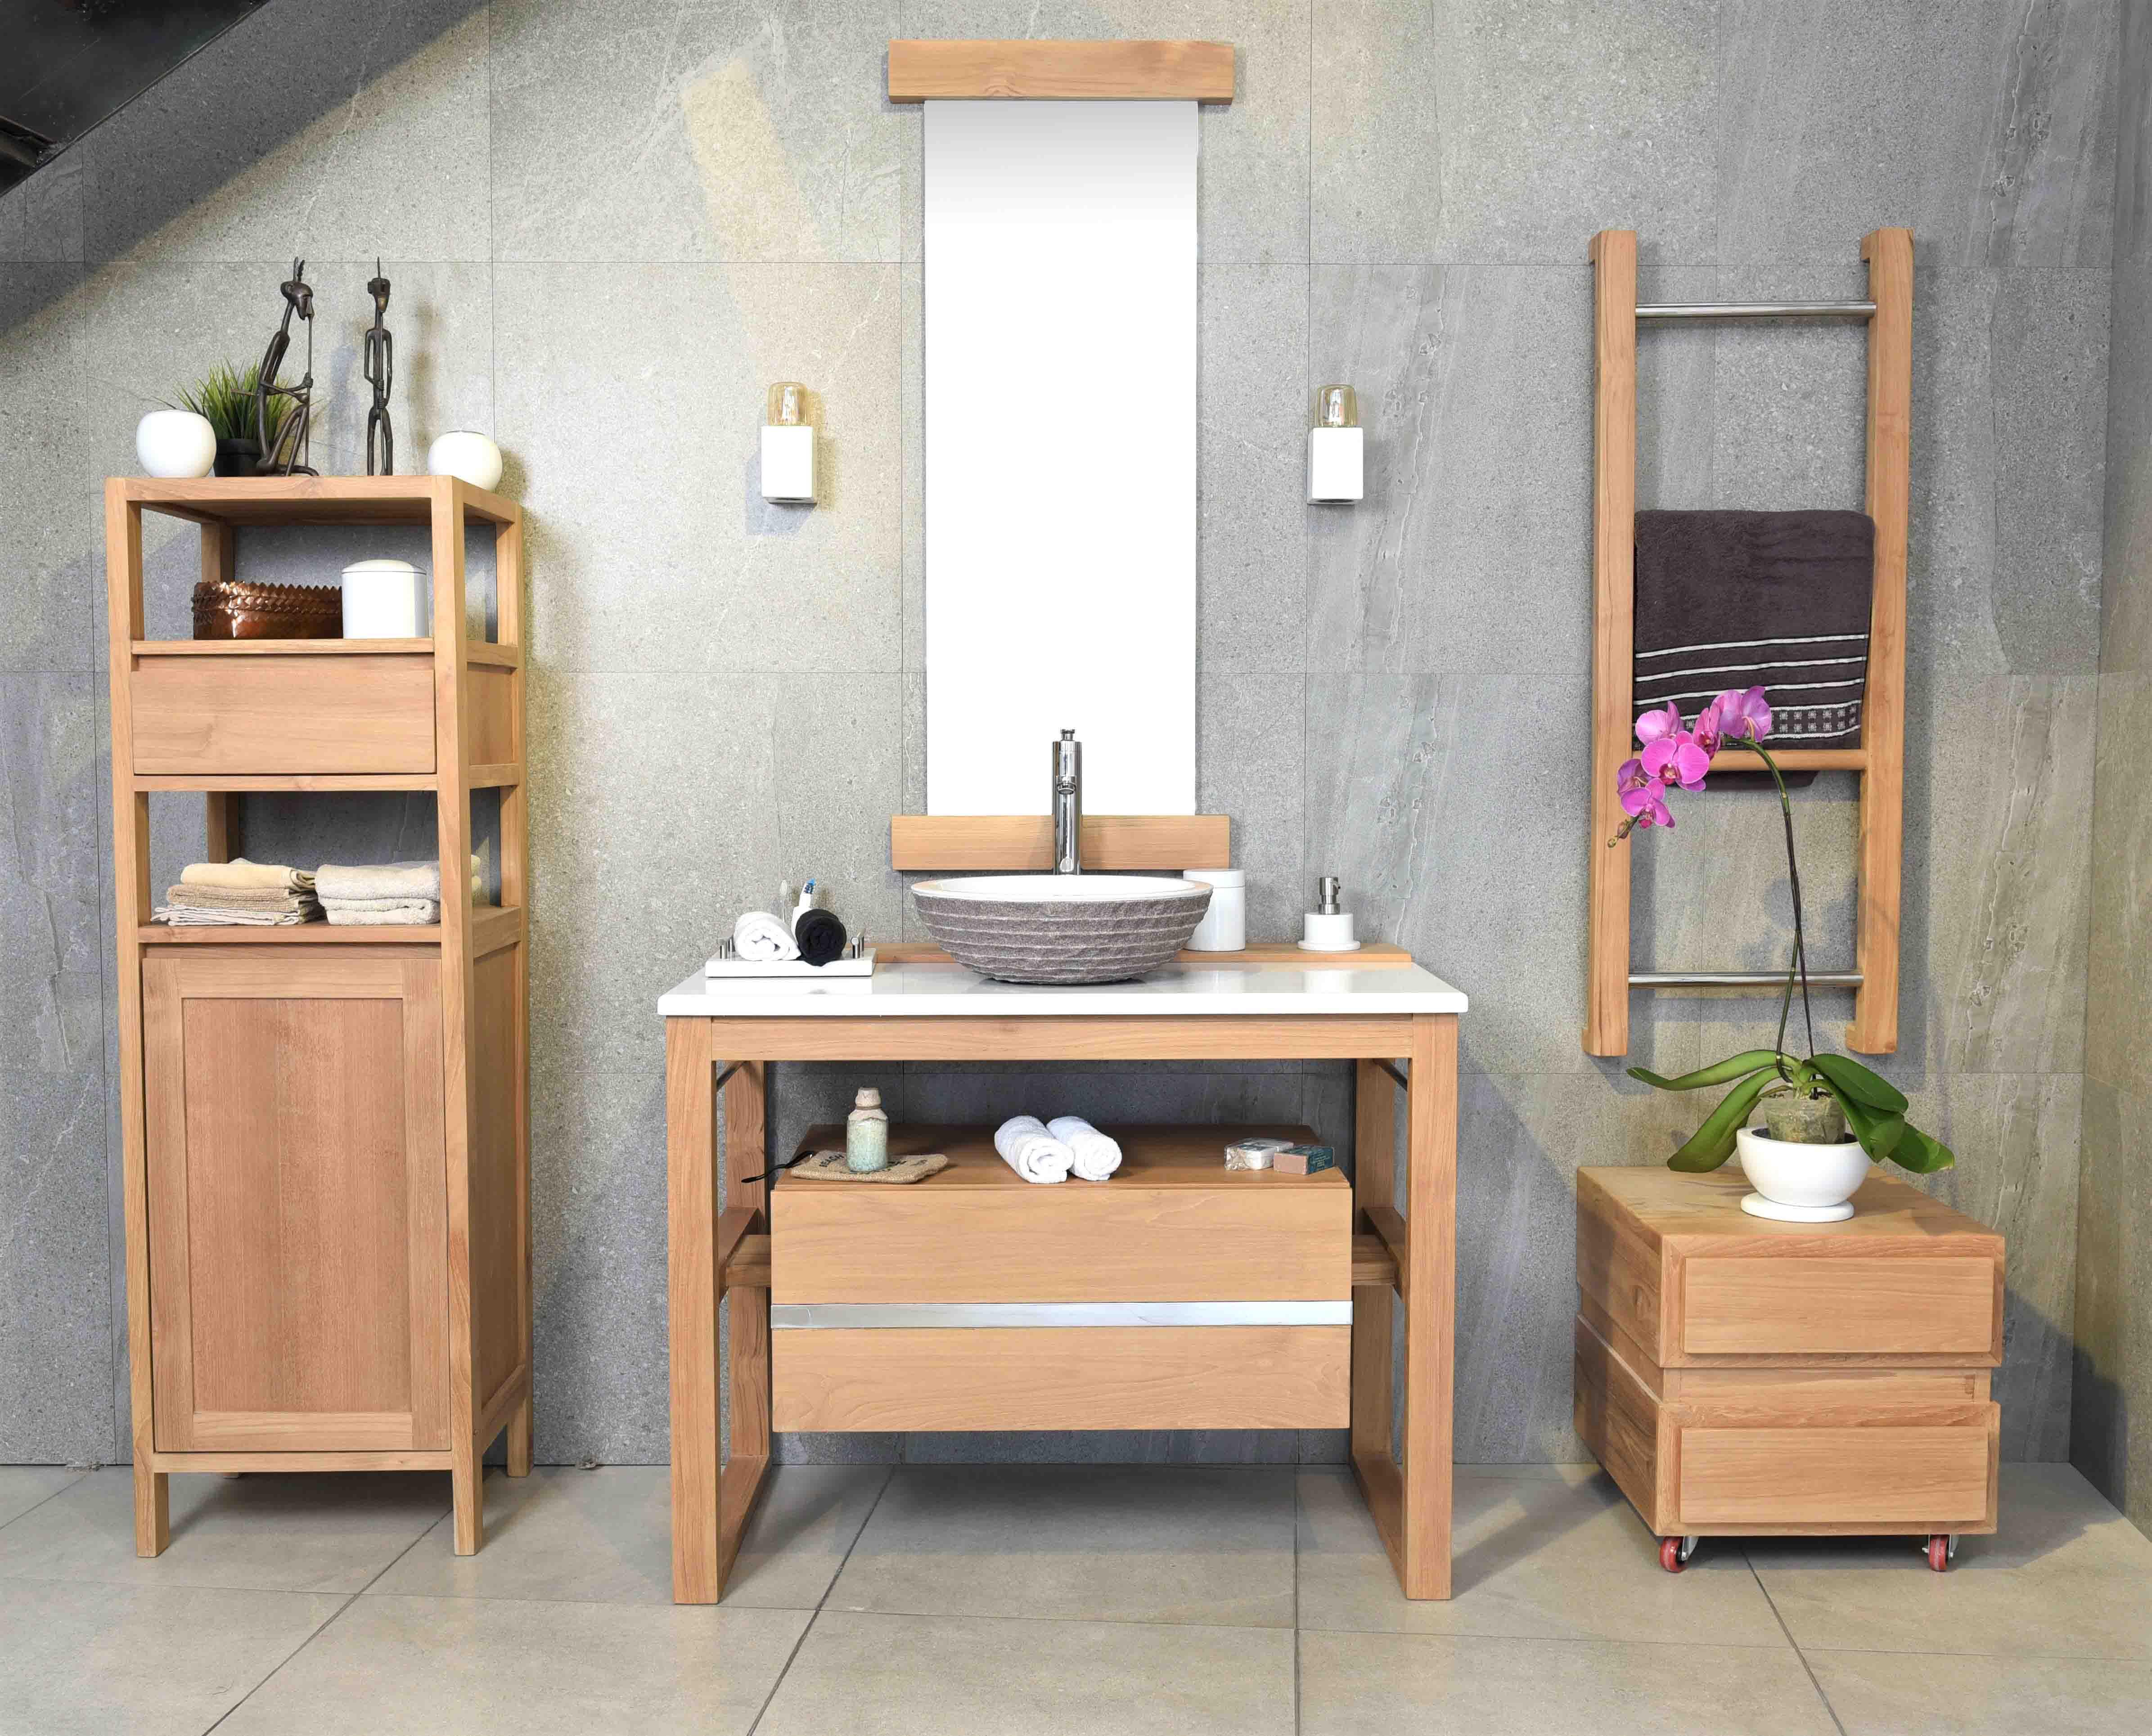 Vu-de-face-salle-de-bain-complète-blanche-bois-teak-nature-couleur-lave-volcan-émaille-céramique-toba-line-France-Luxe